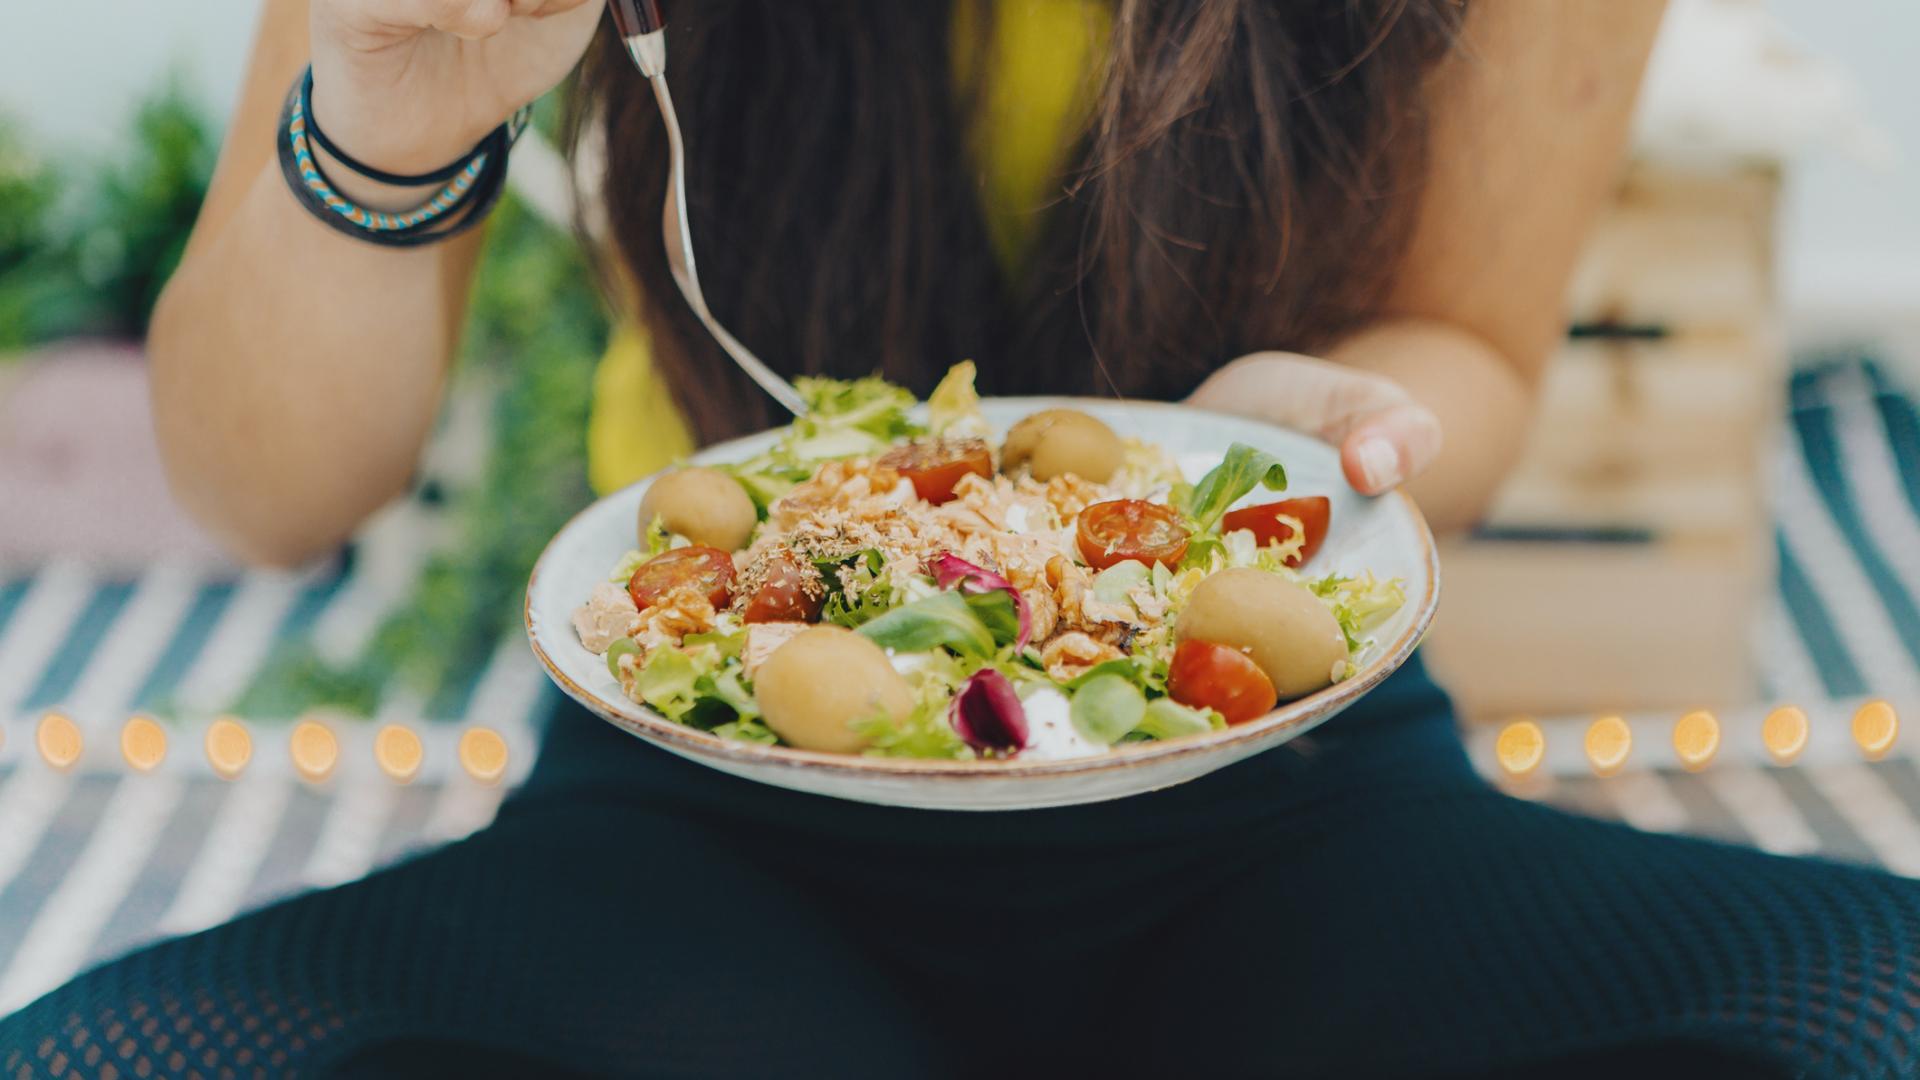 Salat gesund essen Fitness